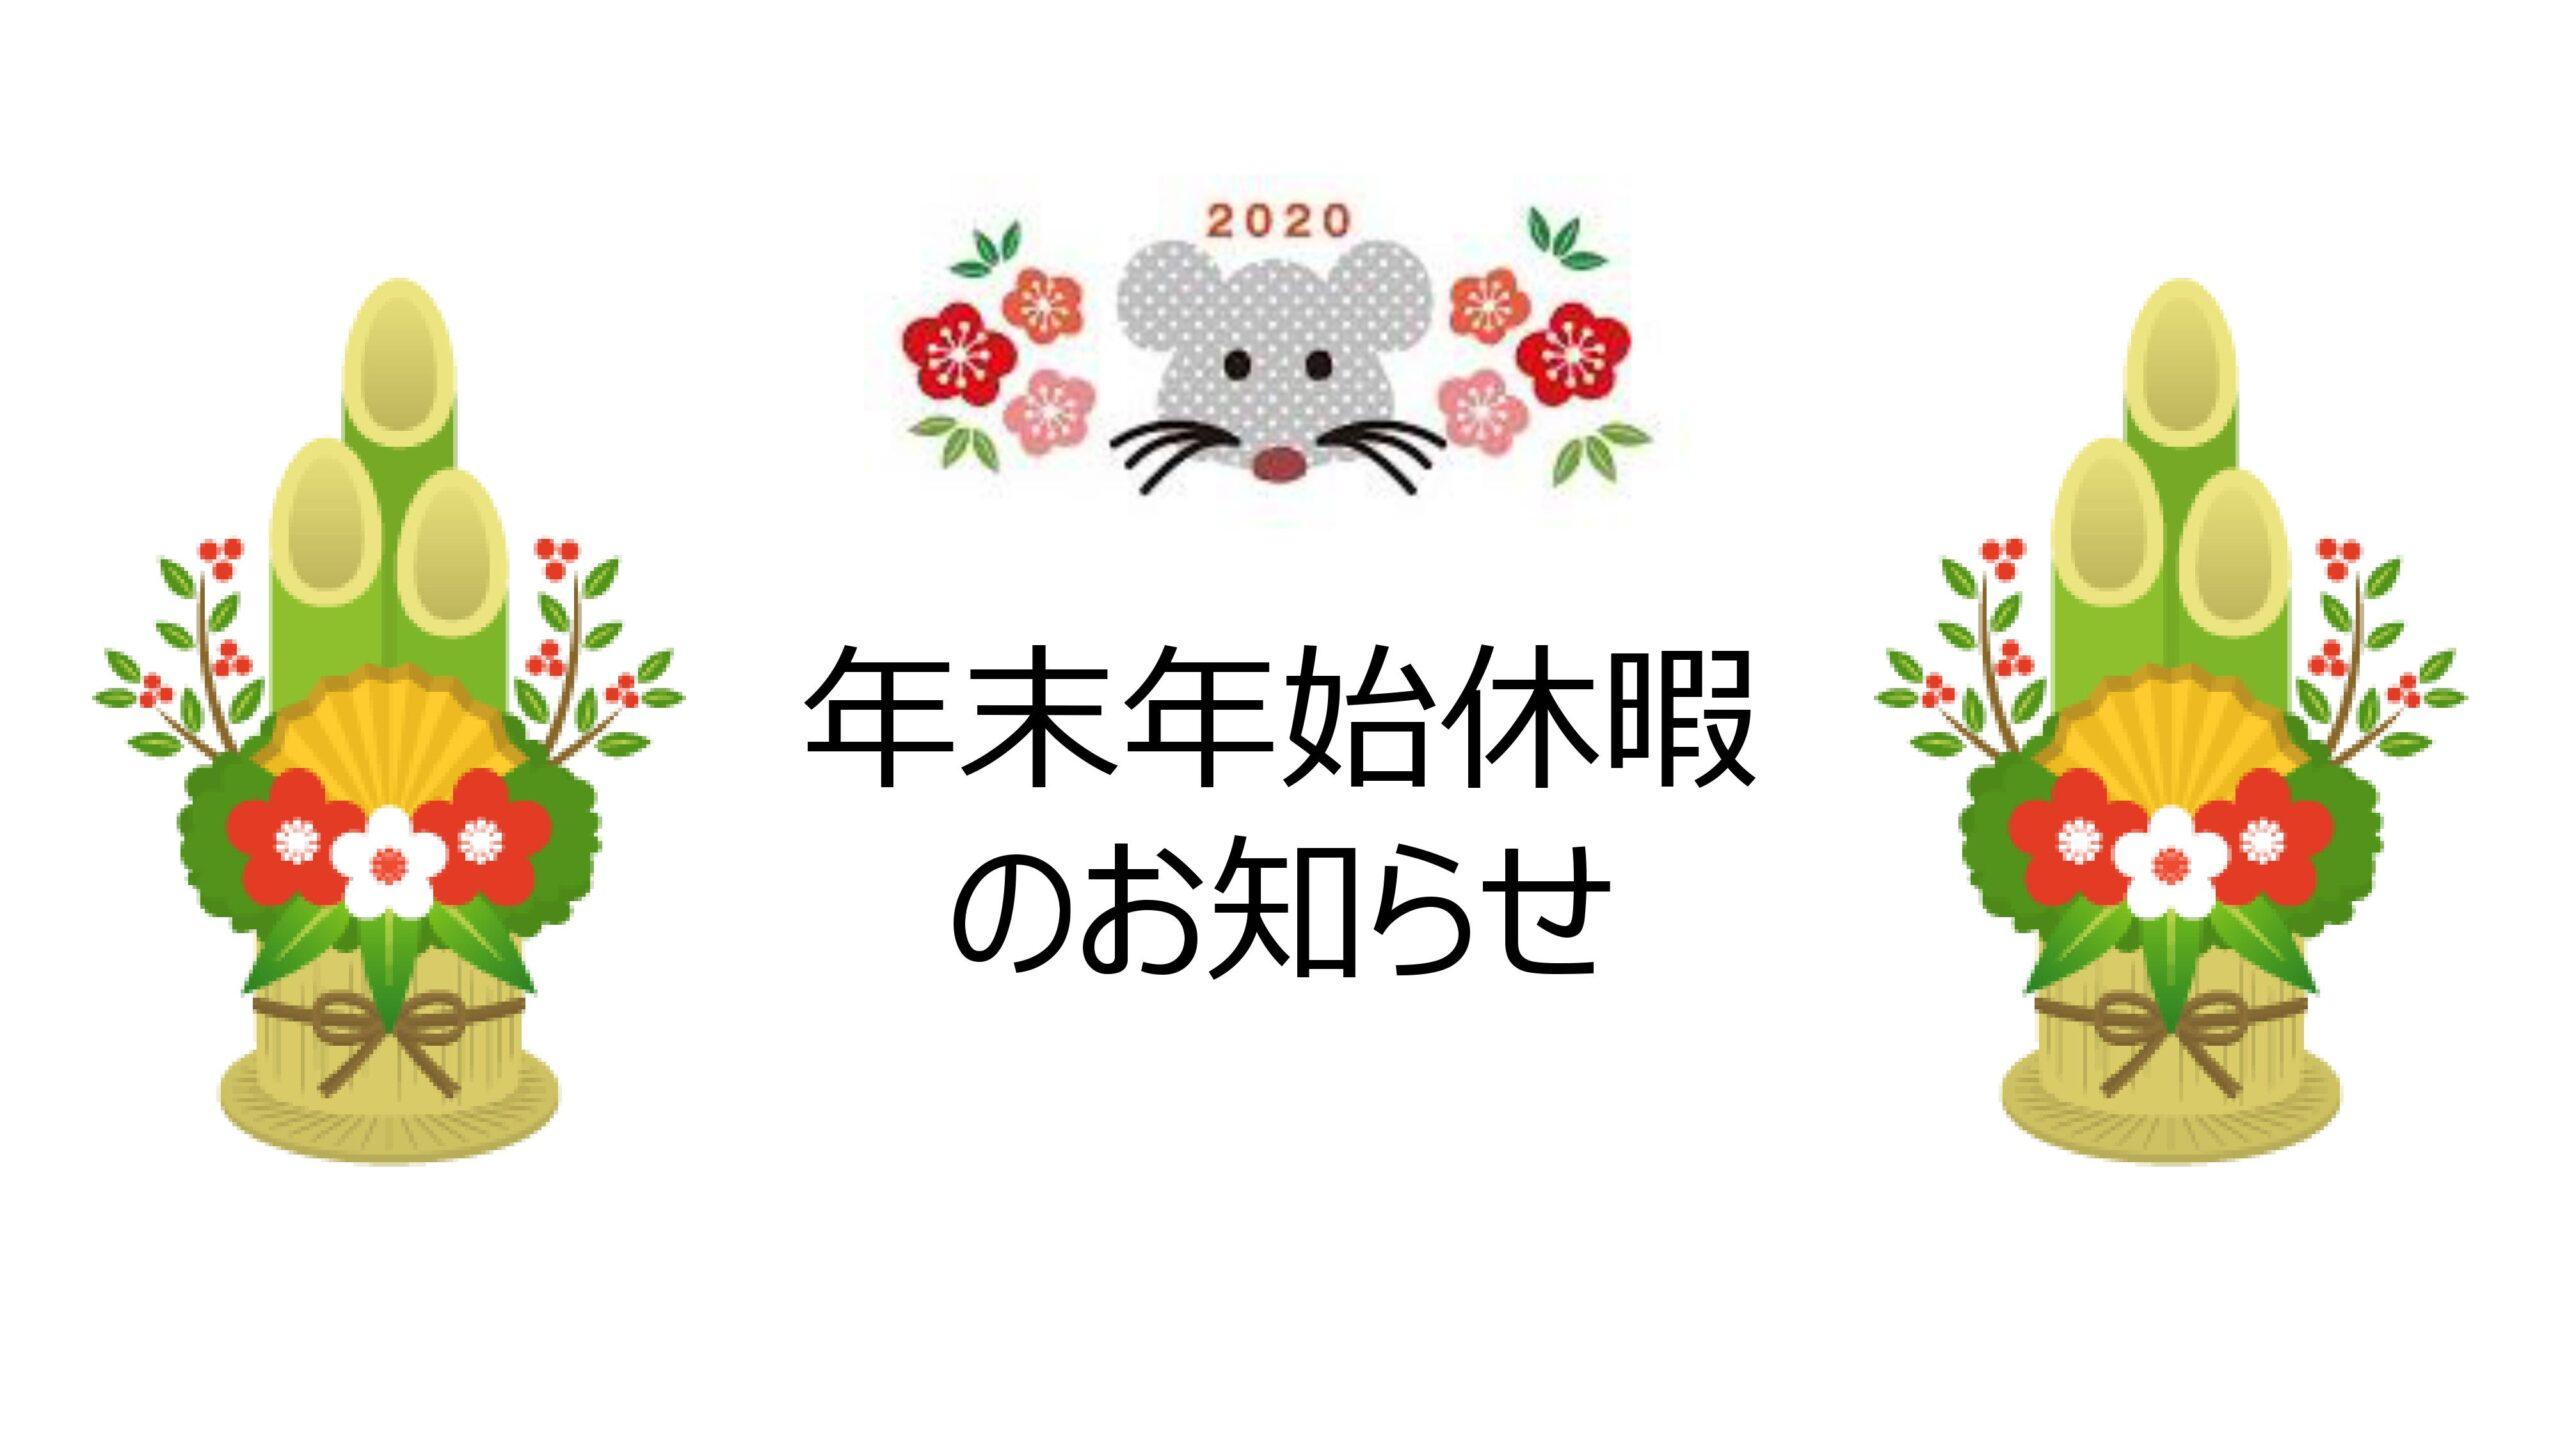 【2019年】年末年始休暇のお知らせ